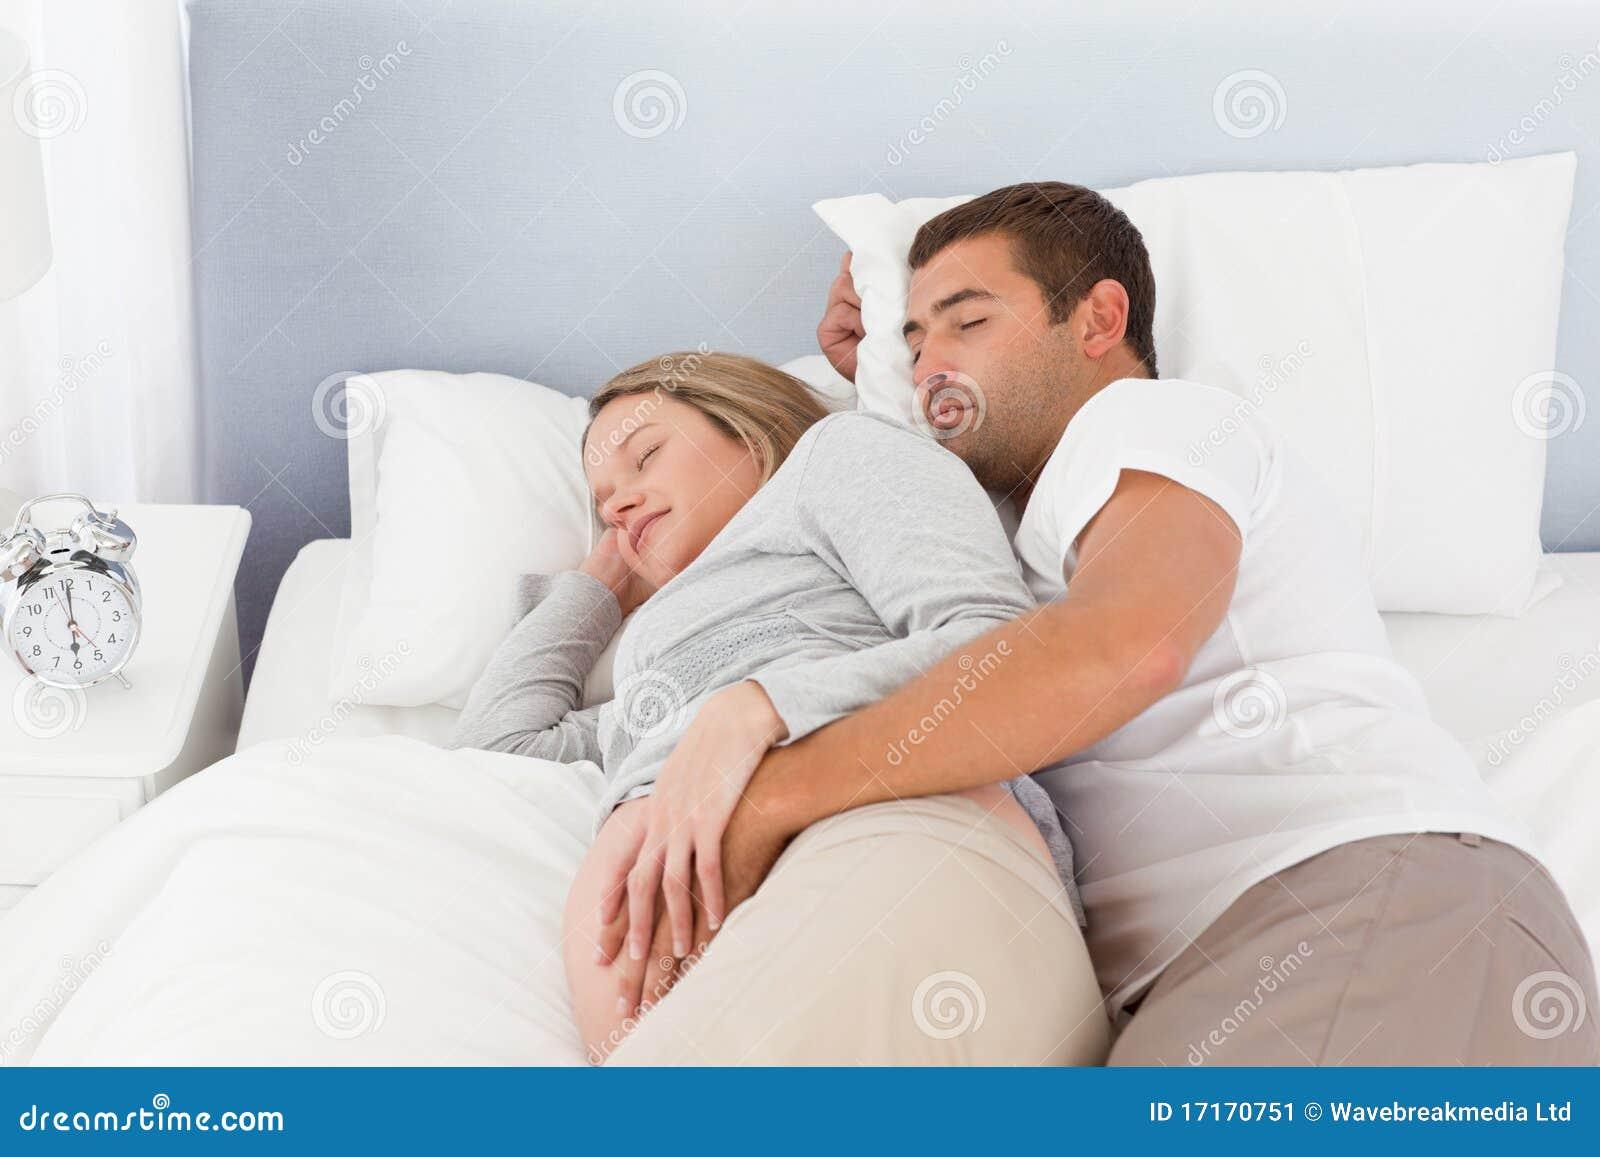 Что делают родители ночью в спальне 4 фотография